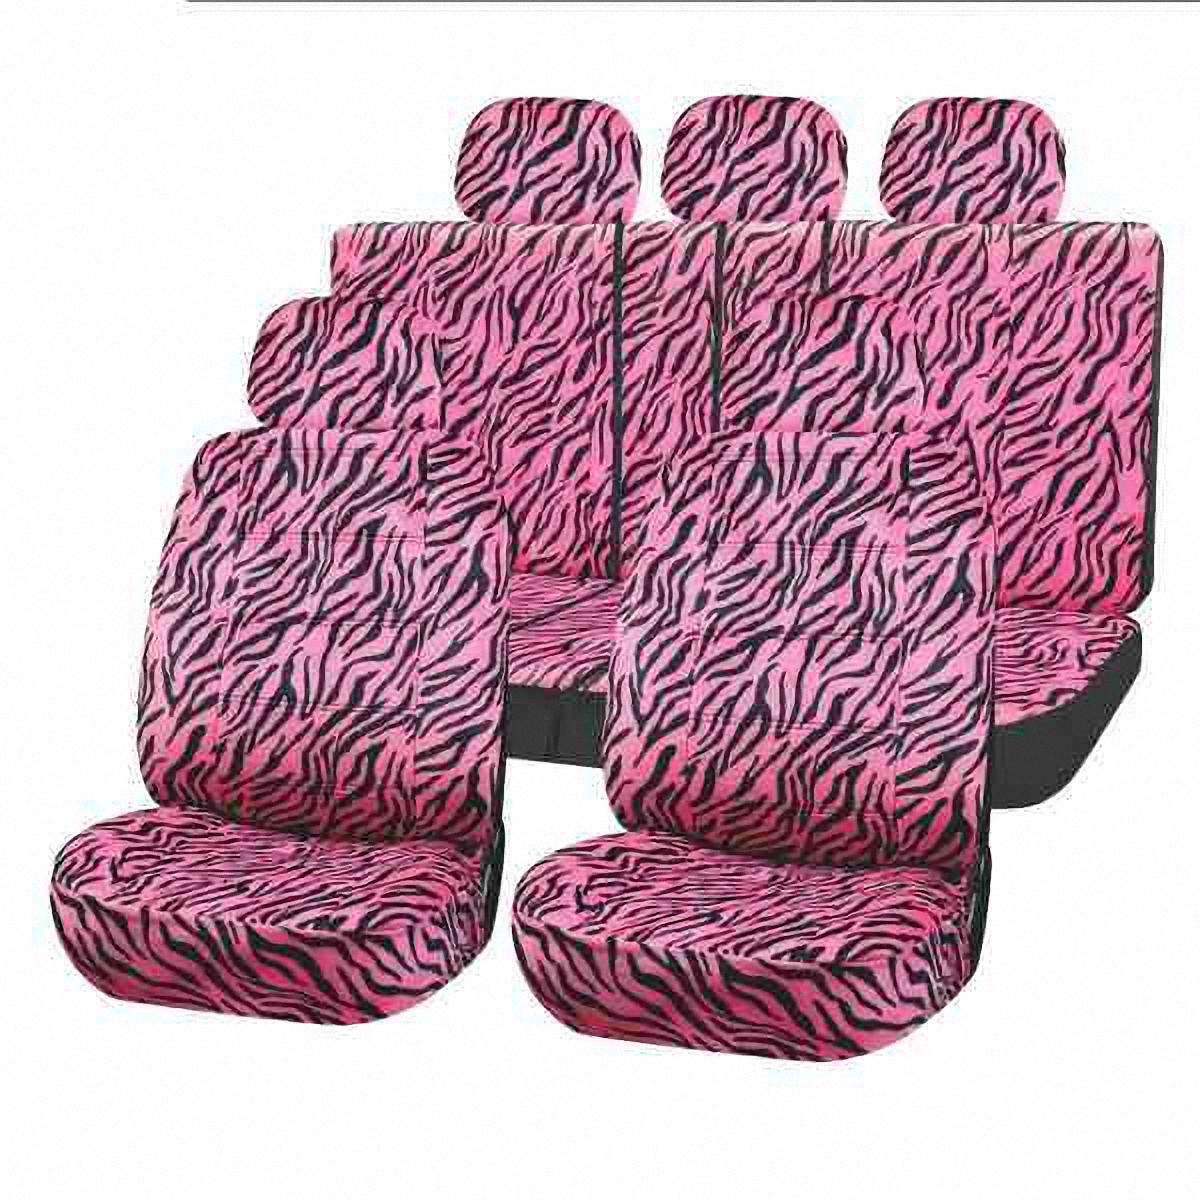 Чехлы автомобильные Skyway SAFARI ЗЕБРА, черно-розовый. S01301083S01301083Универсальные чехлы автомобильные Skyway, изготовленные из прочного материала - велюр, прекрасно защитят ваш салон от износа и повреждений. Более плотный поролон позволяет чехлам полностью прилегать к сидению автомобиля и меньше растягиваться в процессе использования. Ткань чехлов на сиденья не вытягивается, не истирается, великолепно сохраняет форму, устойчива к световому и тепловому воздействию, а ровные, крепкие швы не разойдутся даже при сильном натяжении.В комплекте 11 чехлов.